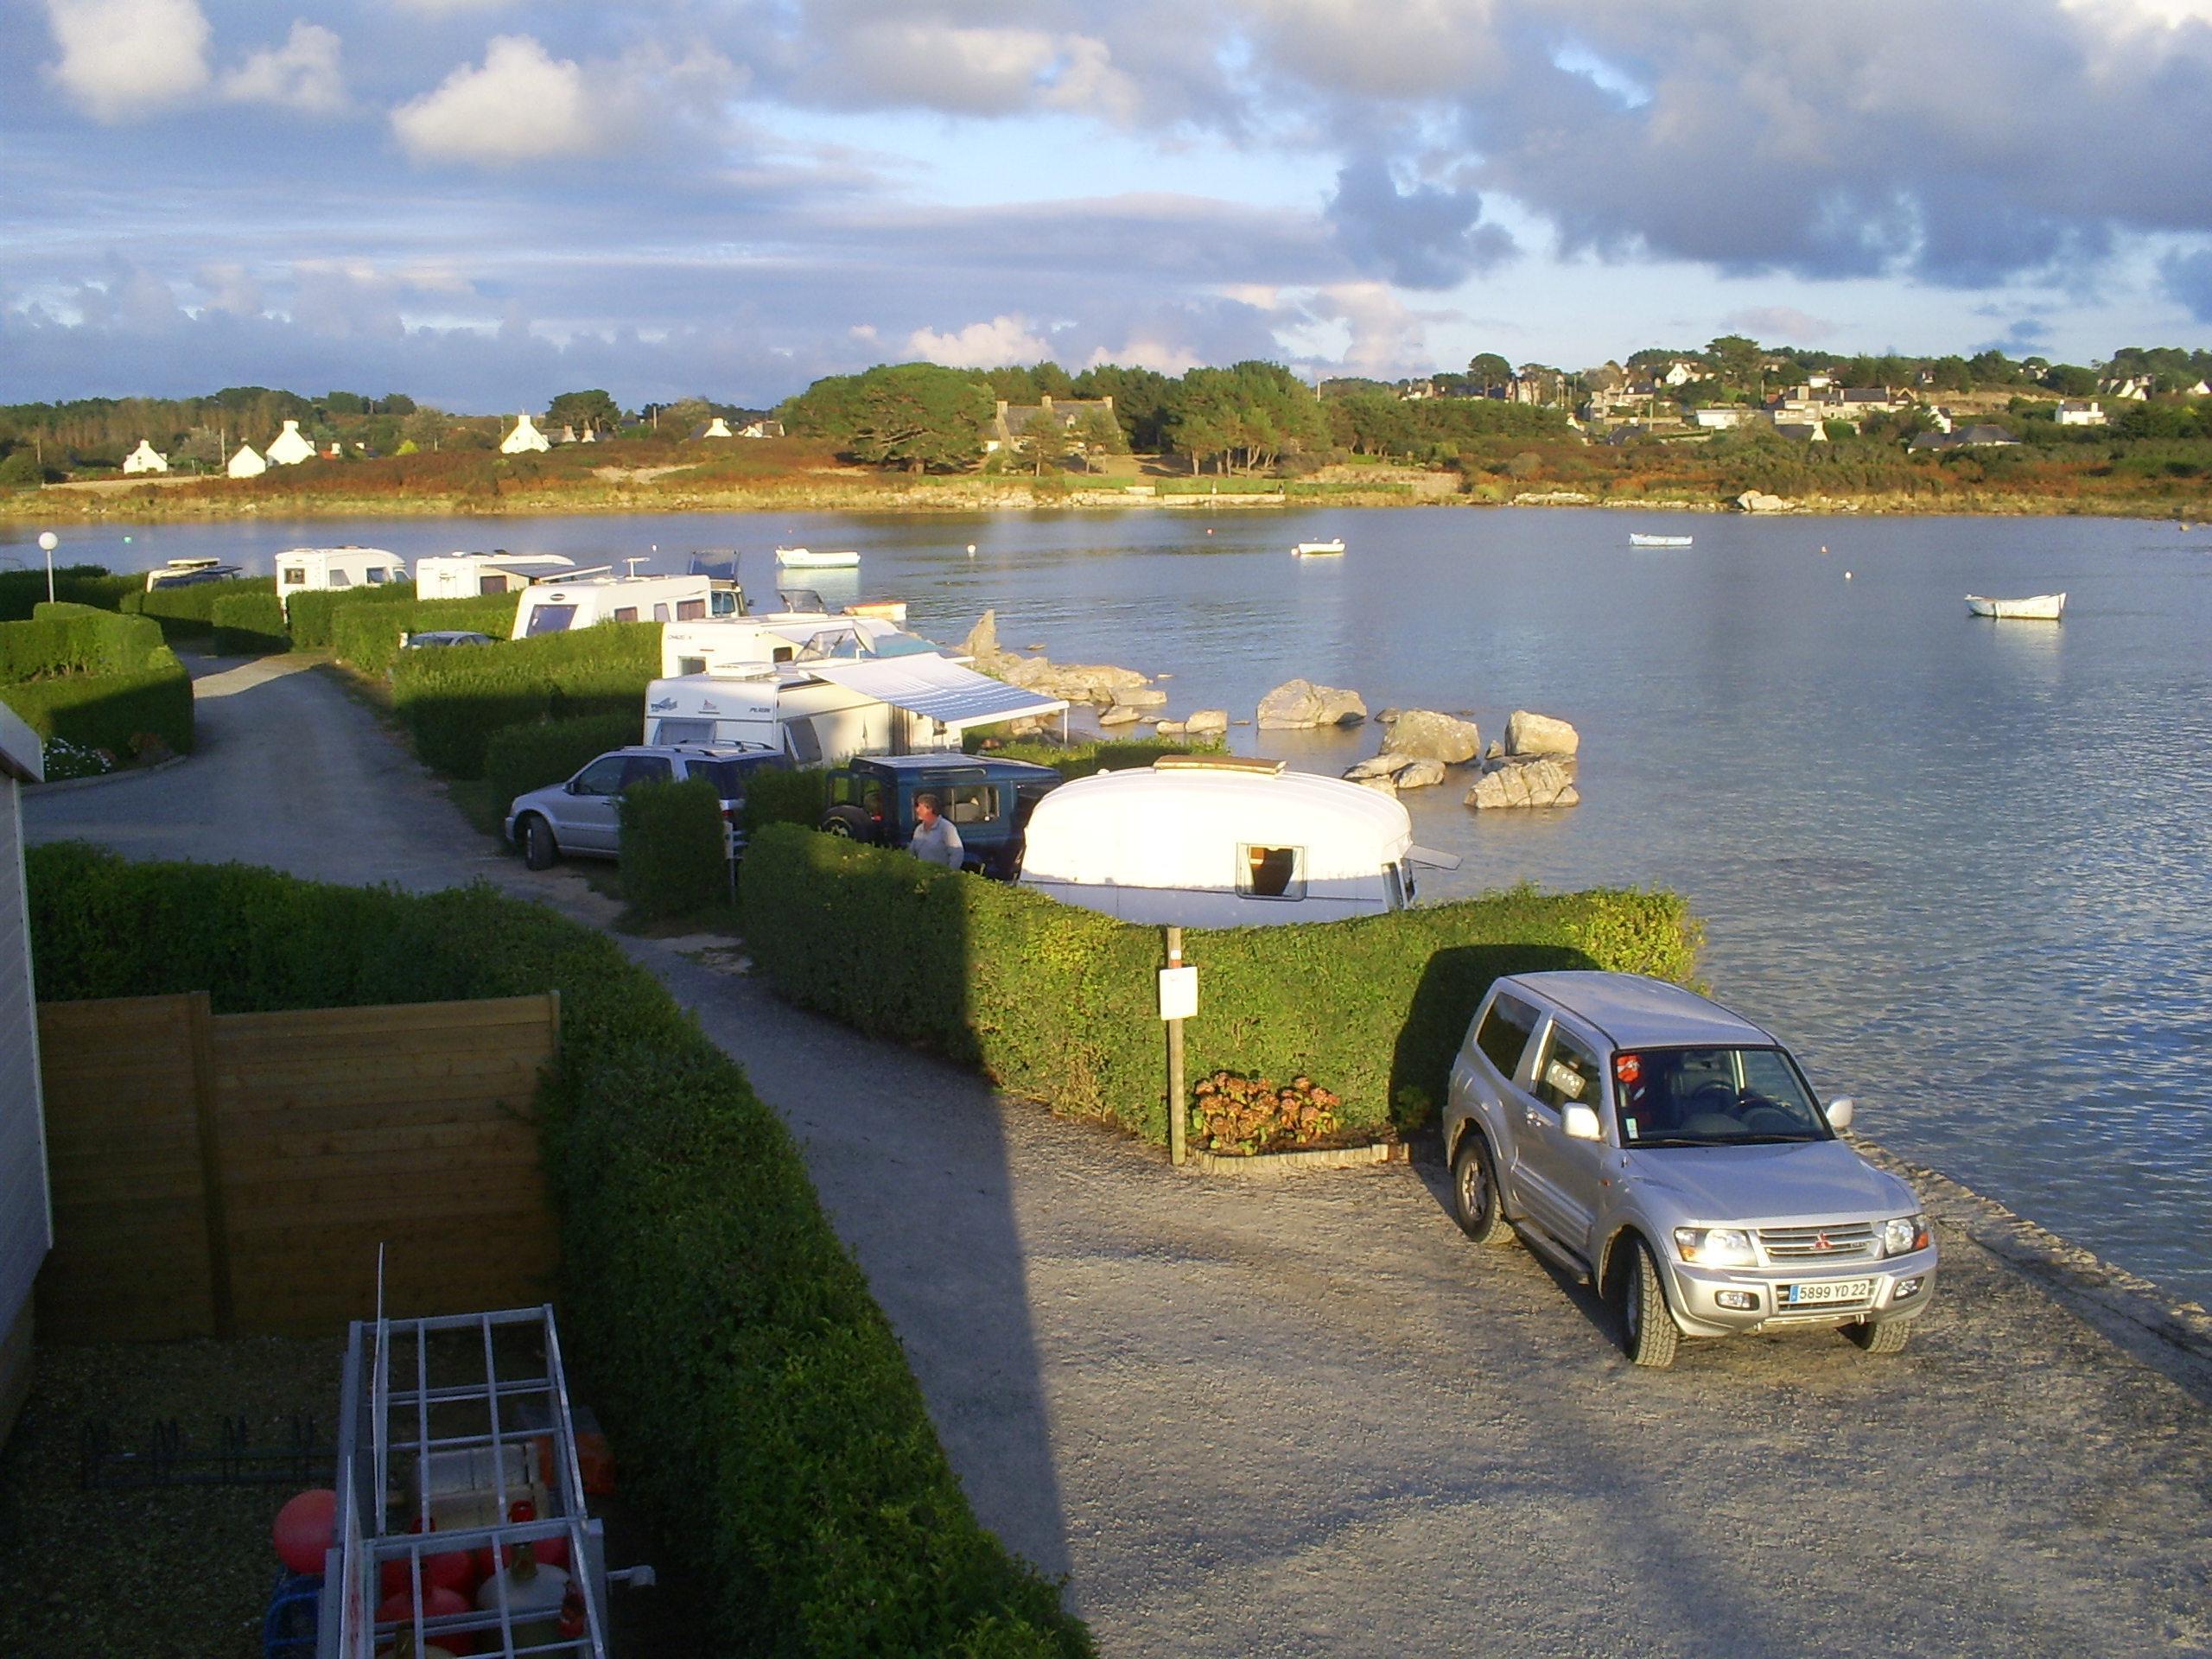 Camping du Port-Landrellec, Pleumeur-Bodou, Côtes-d'Armor